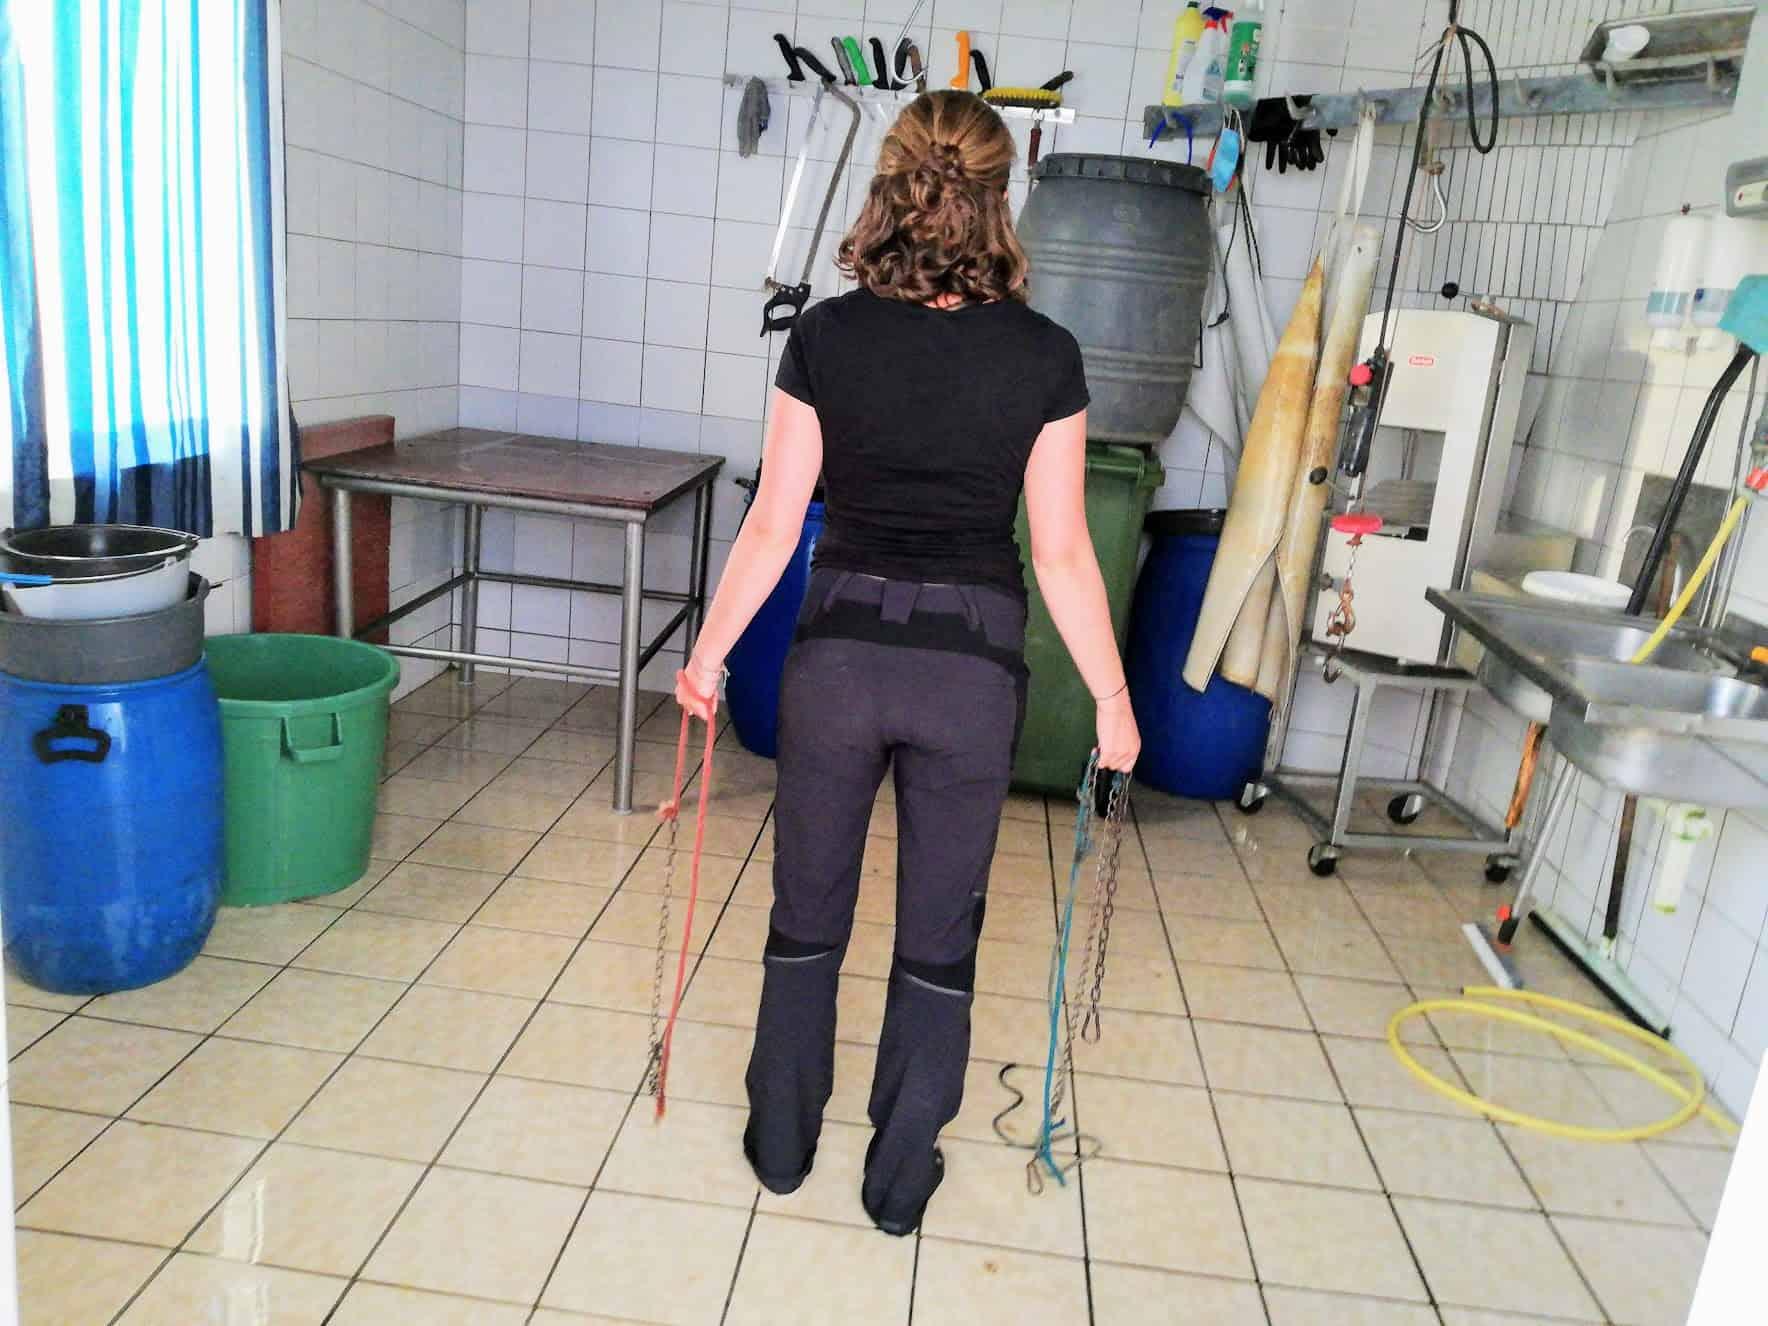 Bianca Blasl von hinten aufgenommen im Schlachtraum mit Ketten in den Händen